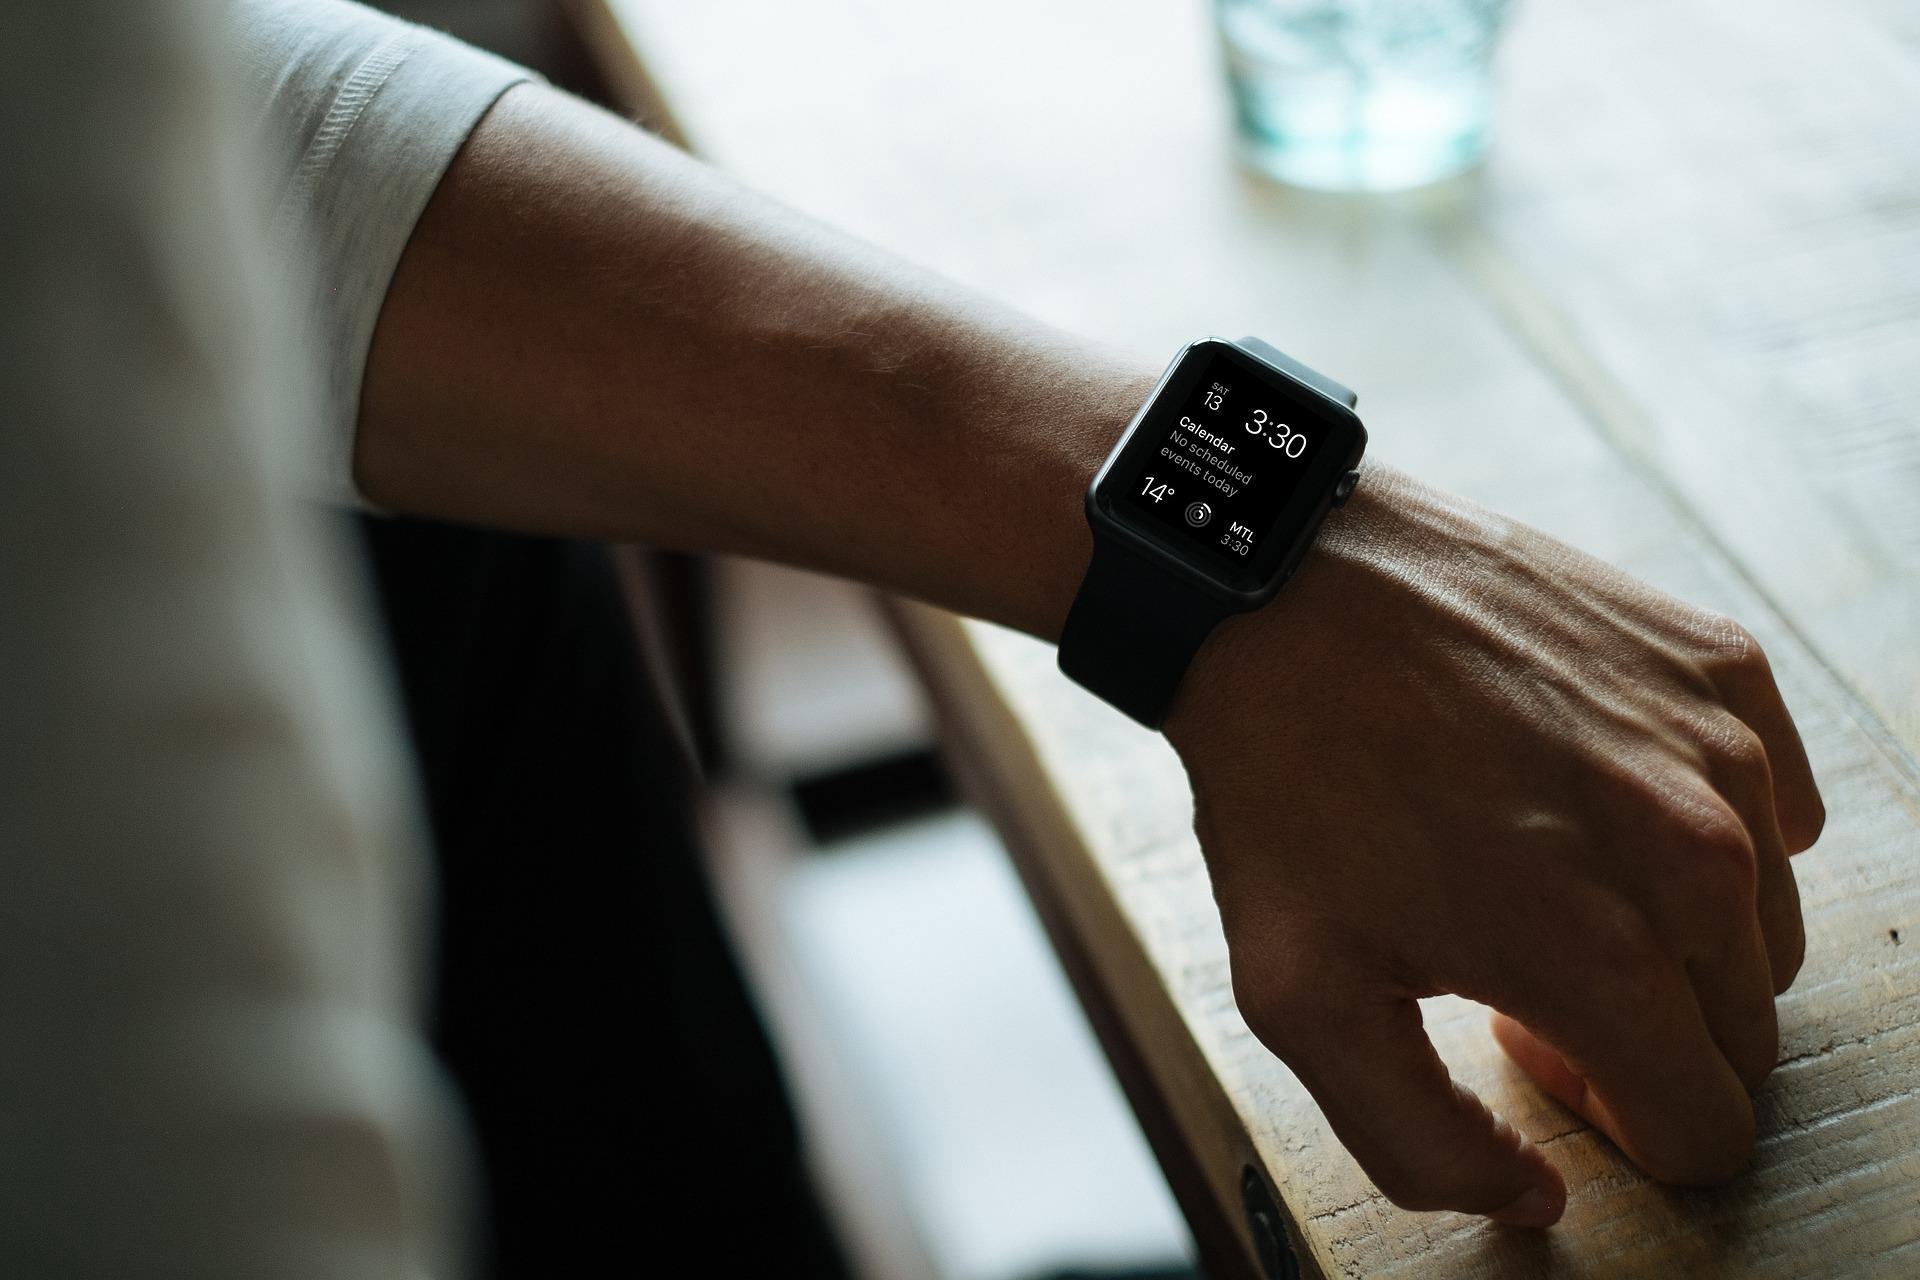 Apple prepara un método no invasivo con el Apple Watch que mida la glucosa en sangre